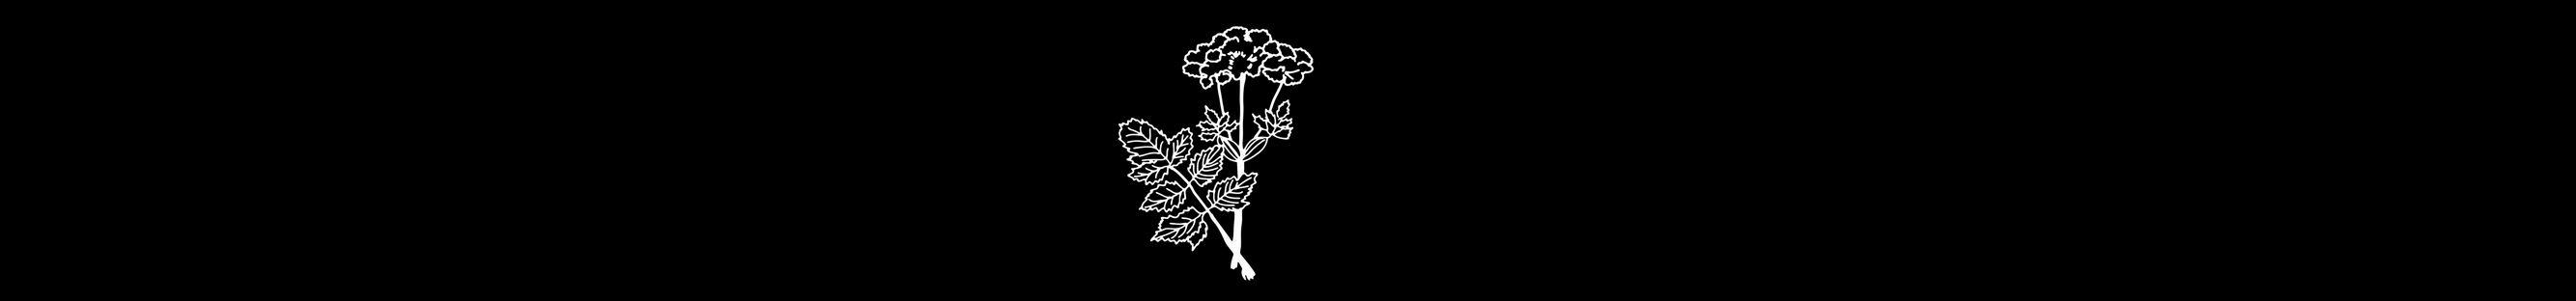 Valhalla herb - Angelica archangelica